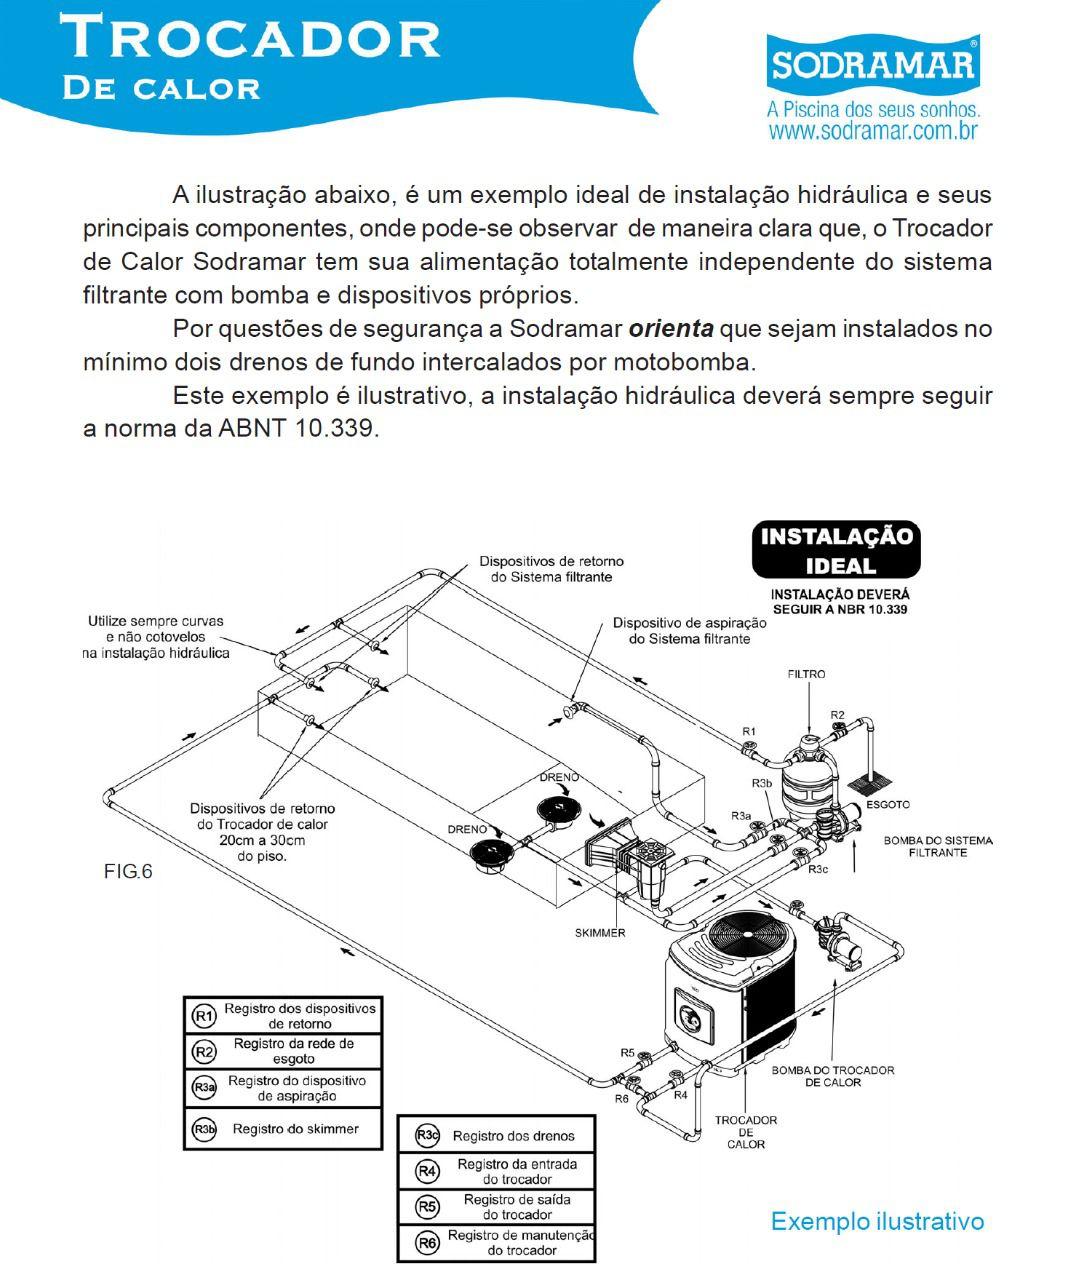 Aquecedor de piscina Yes - Trocador de Calor SD-60 Bif 220V